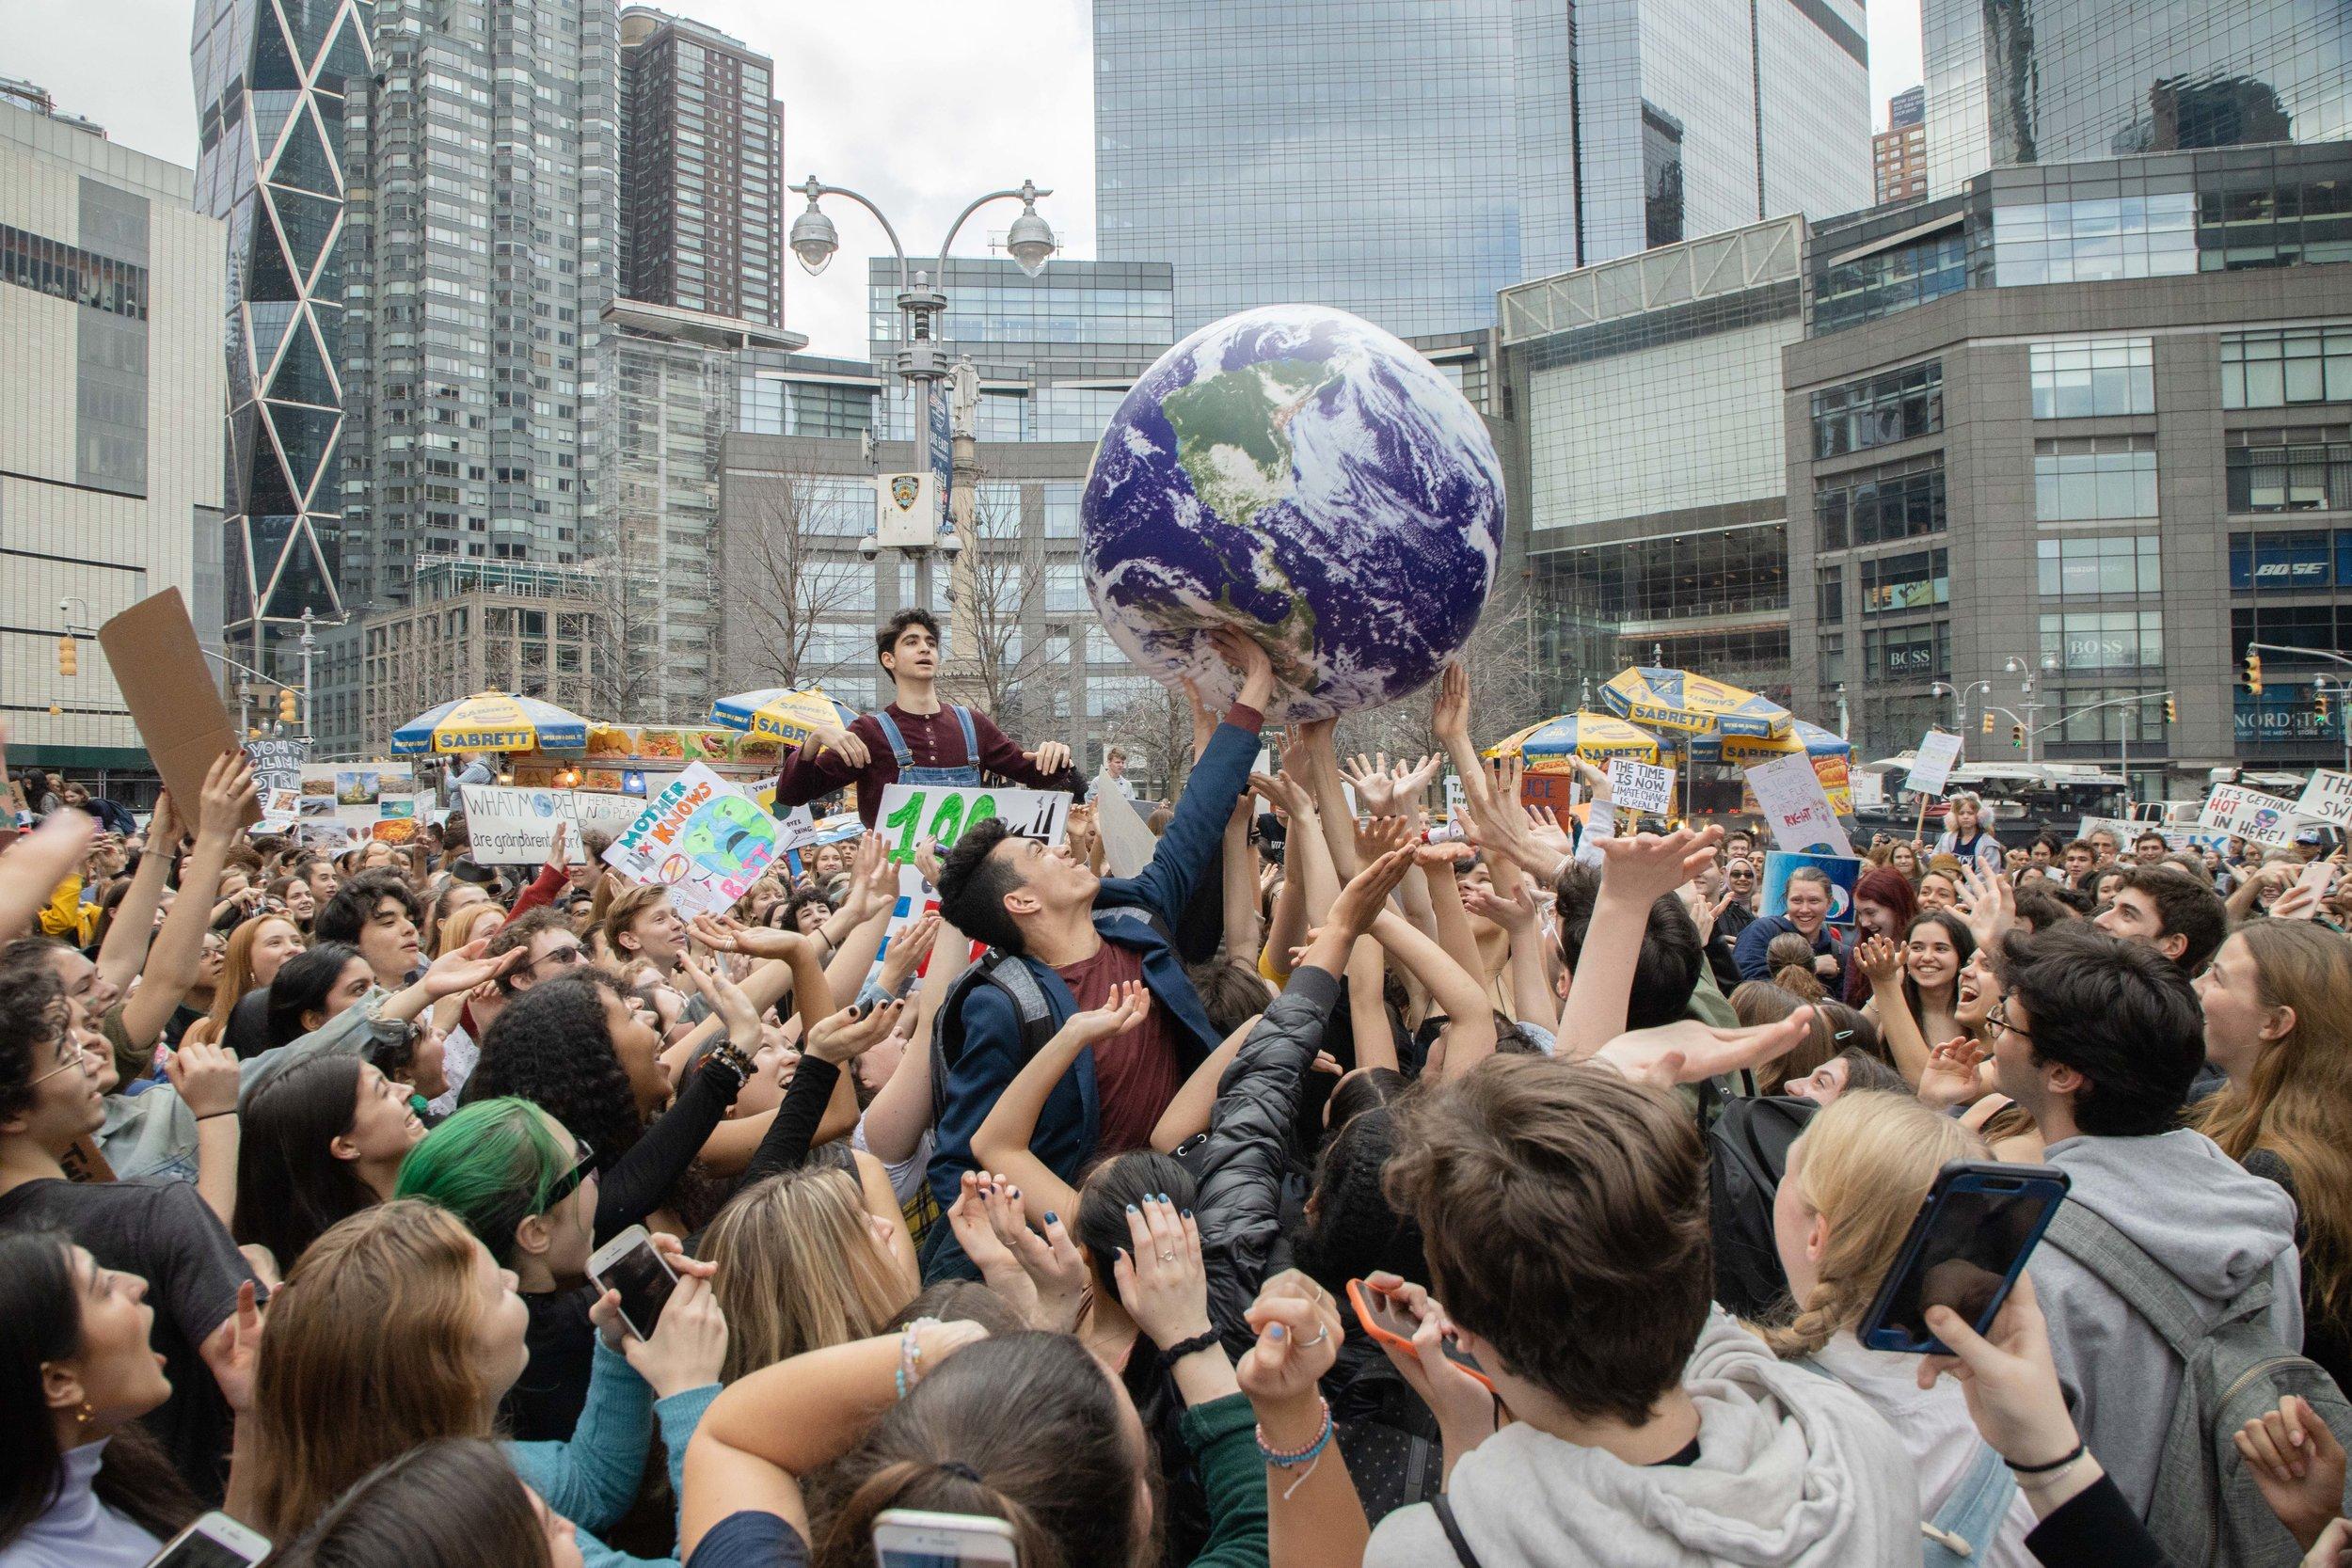 3.15.19_YouthClimateStrike_NYC_ColumbusCircle-46.jpg